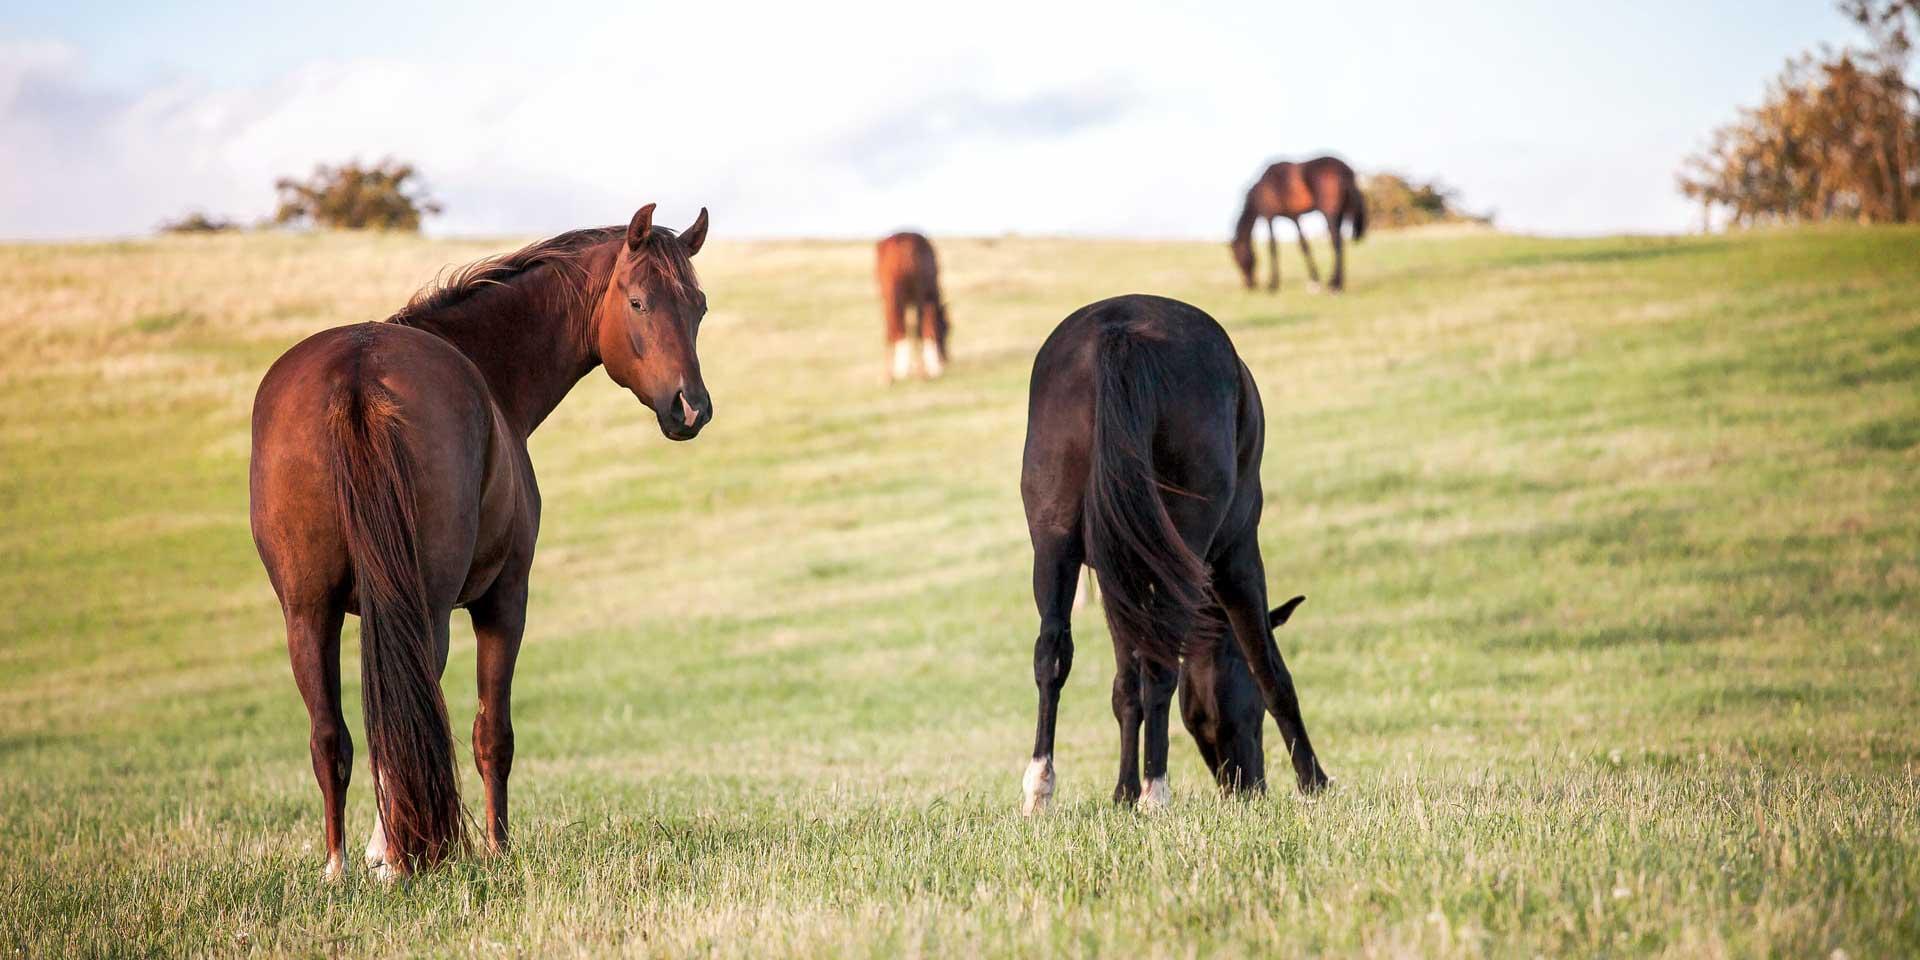 A herd of horses grazing.